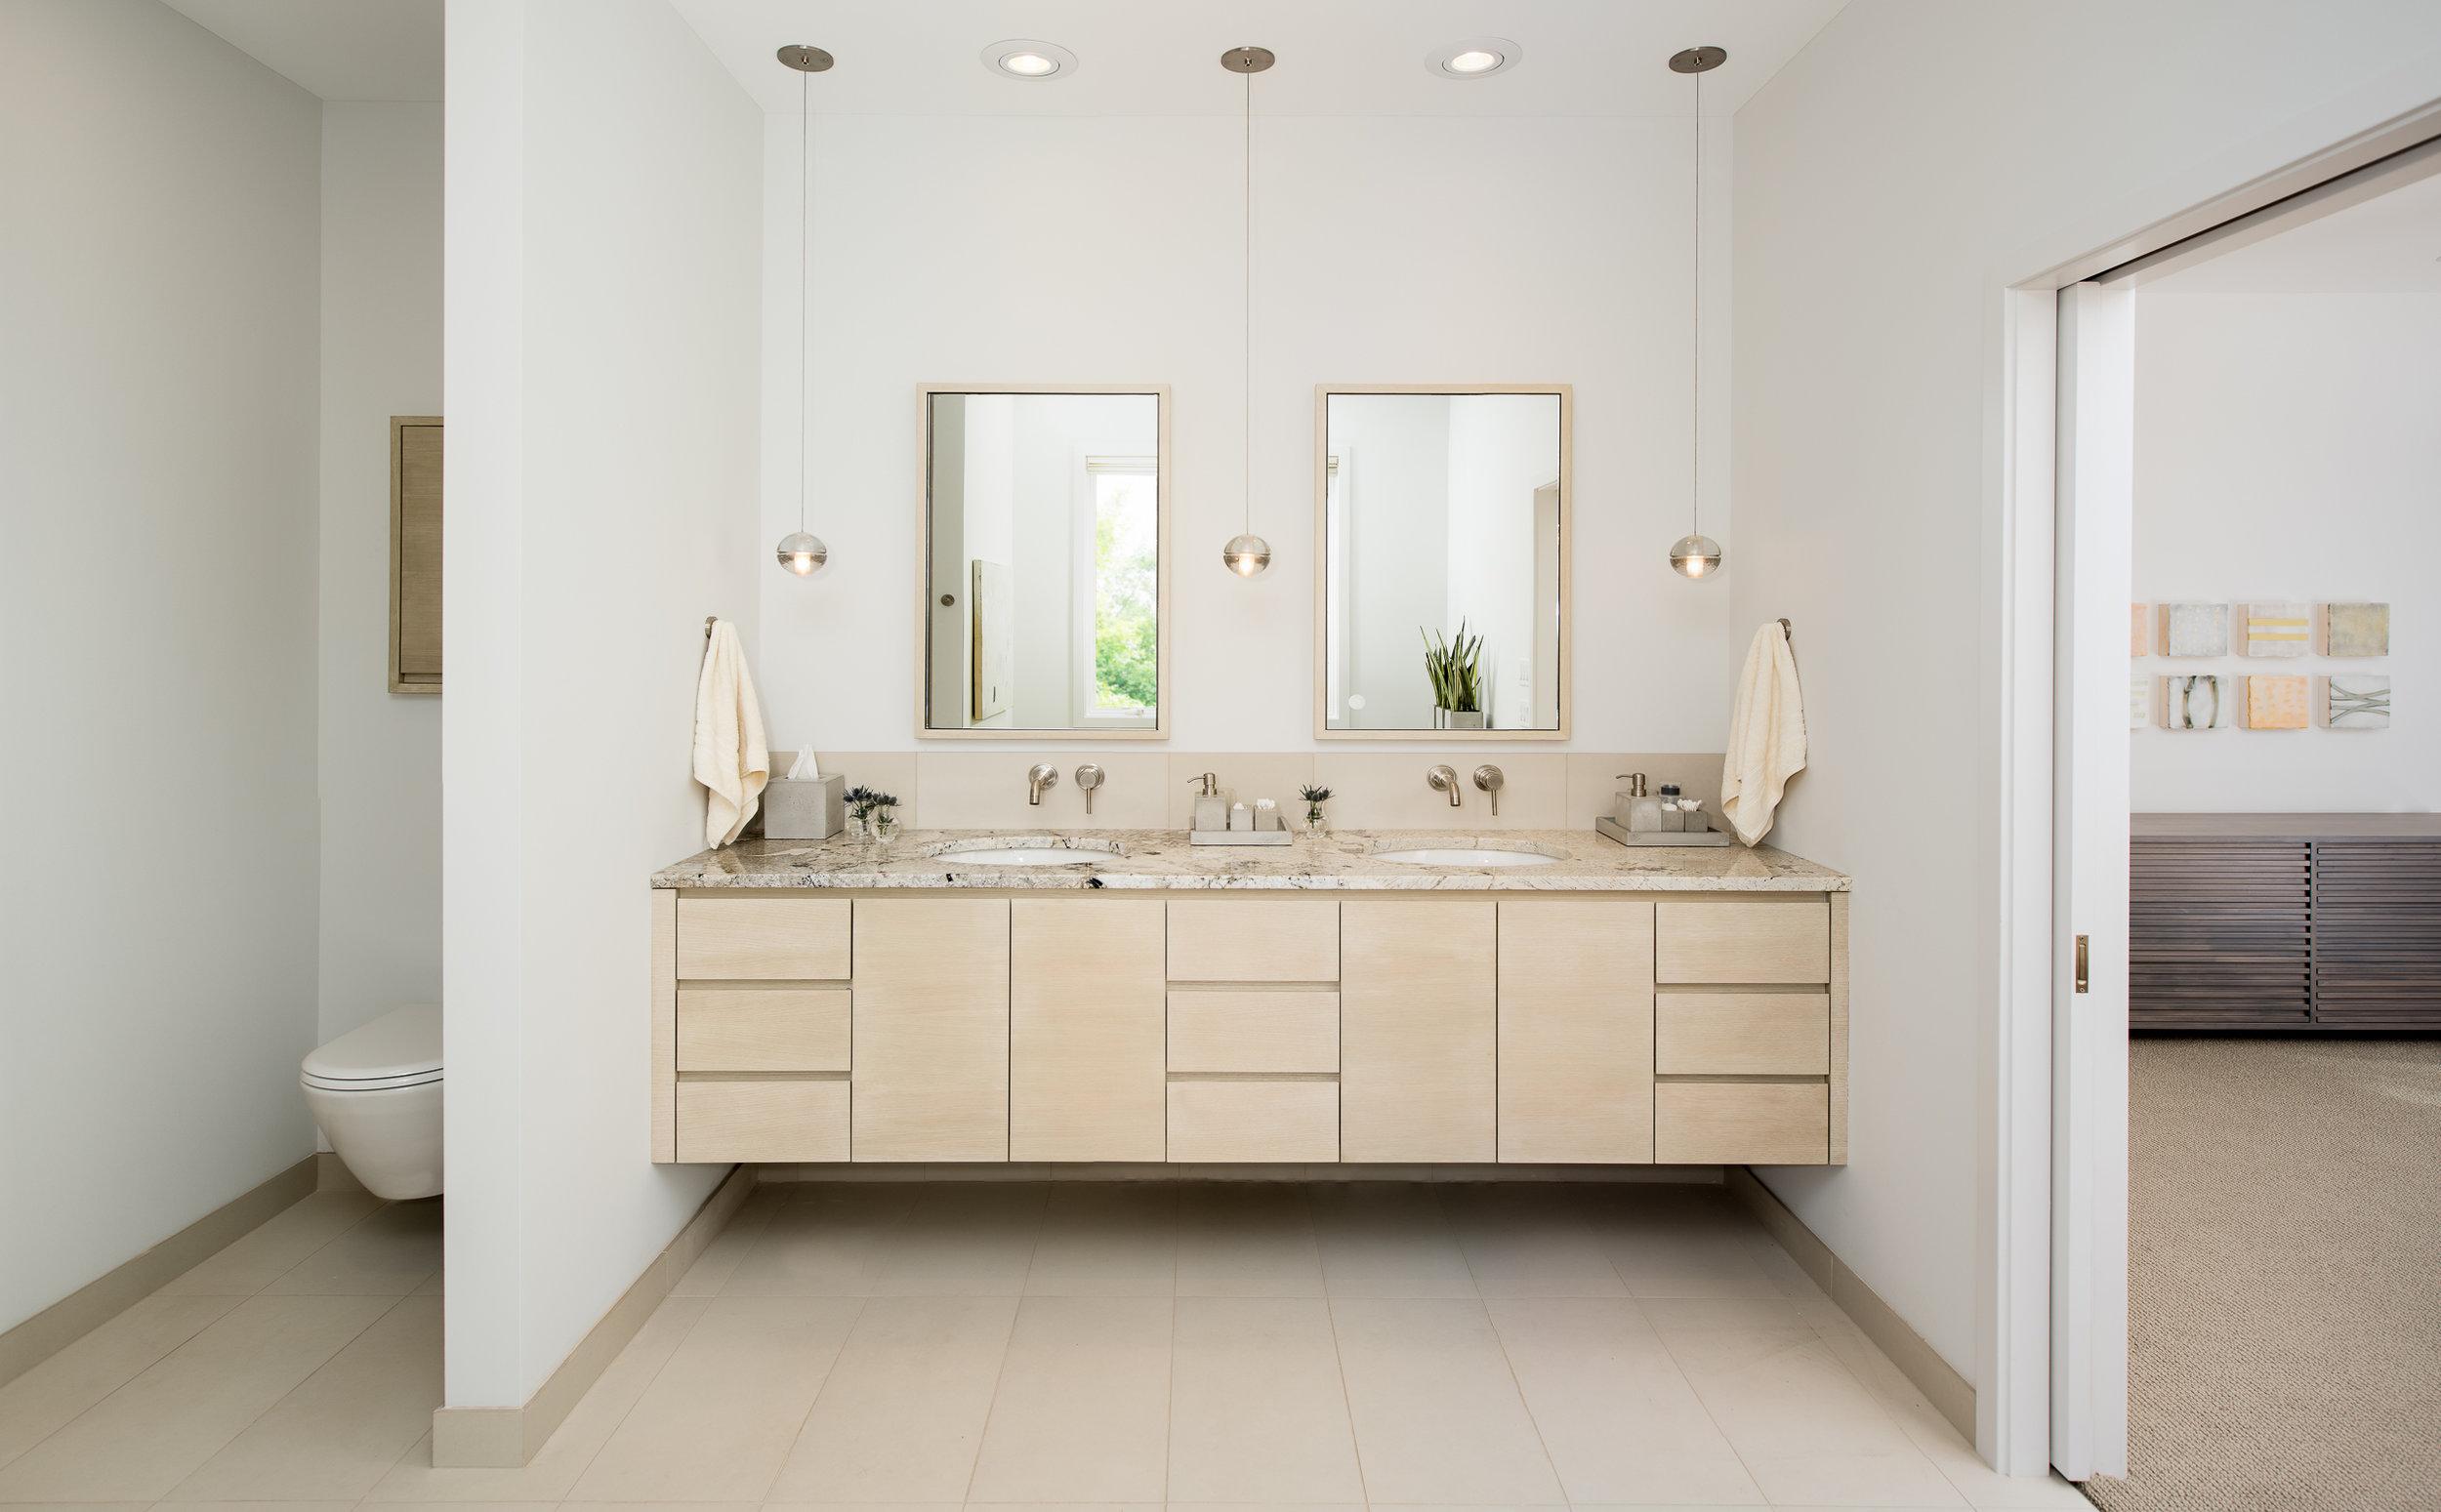 Custom floating master bathroom vanity with concealed toilet